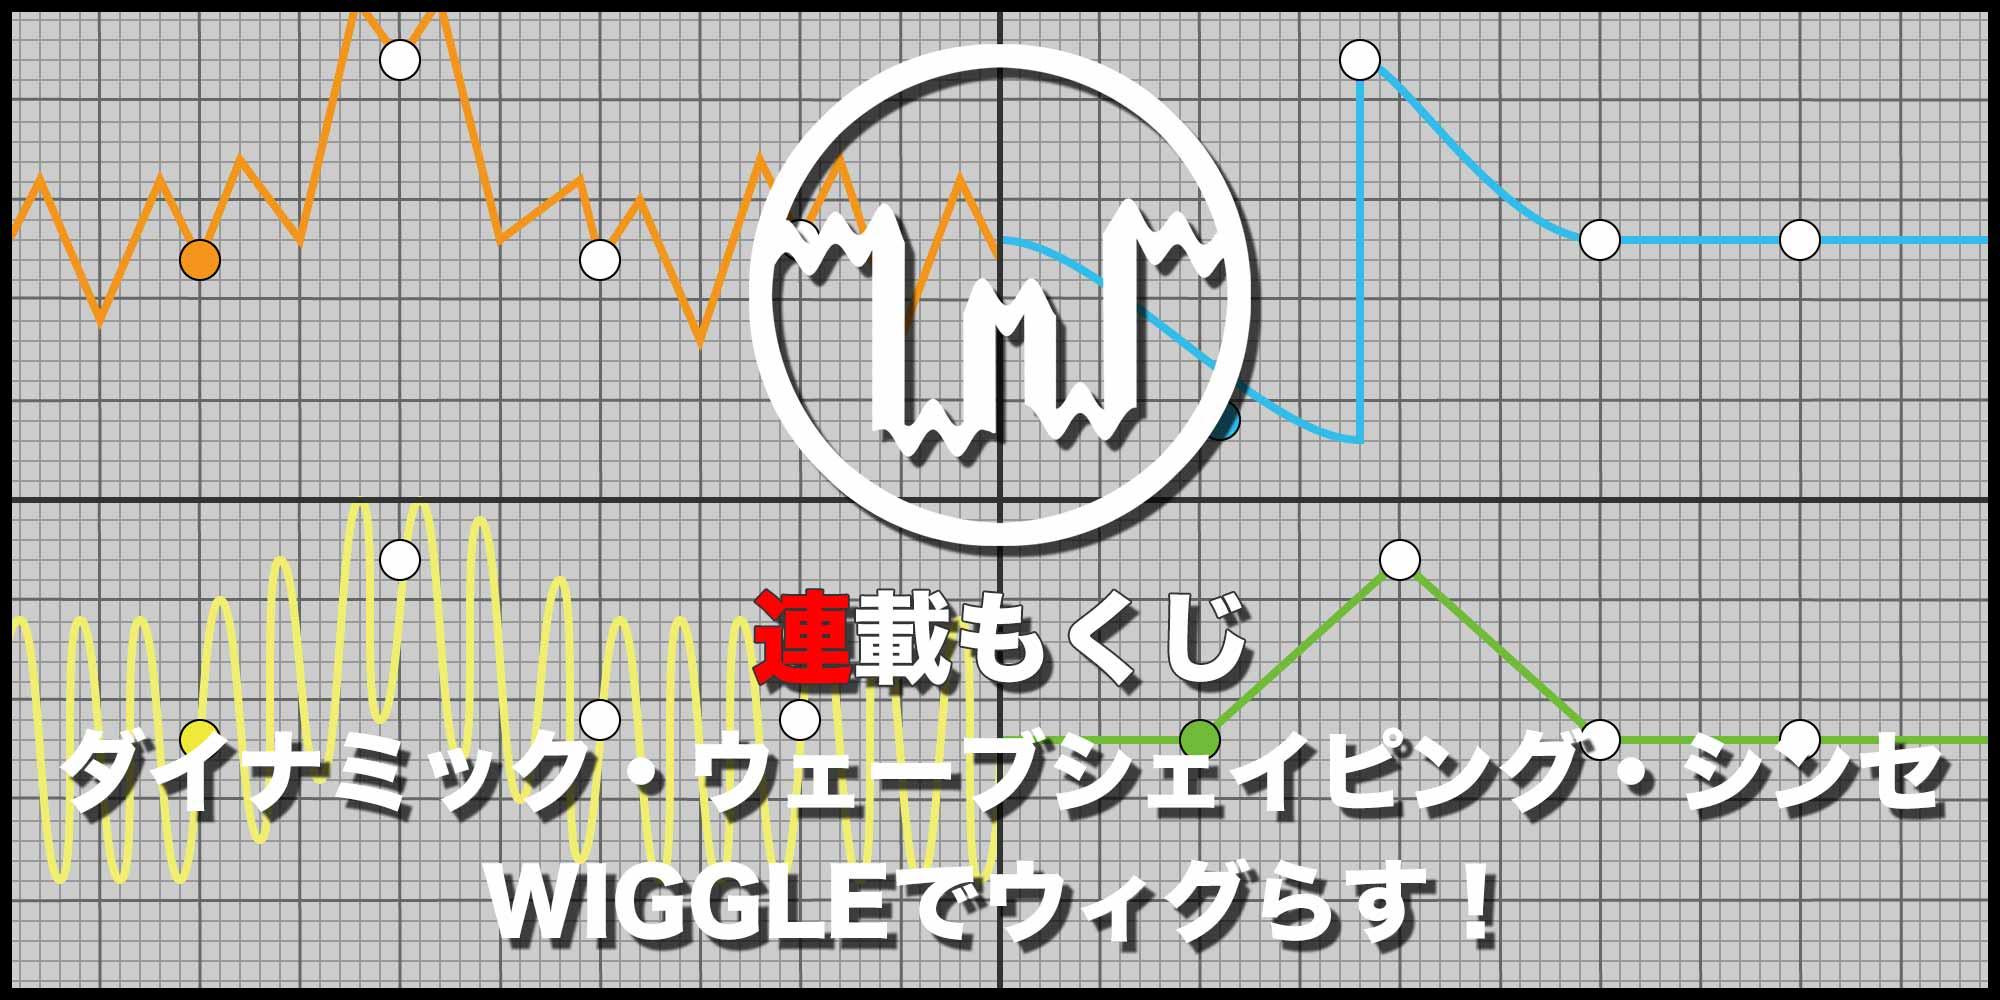 【連載もくじ】ダイナミック・ウェーブシェイピング・シンセ WIGGLEでウィグらす!